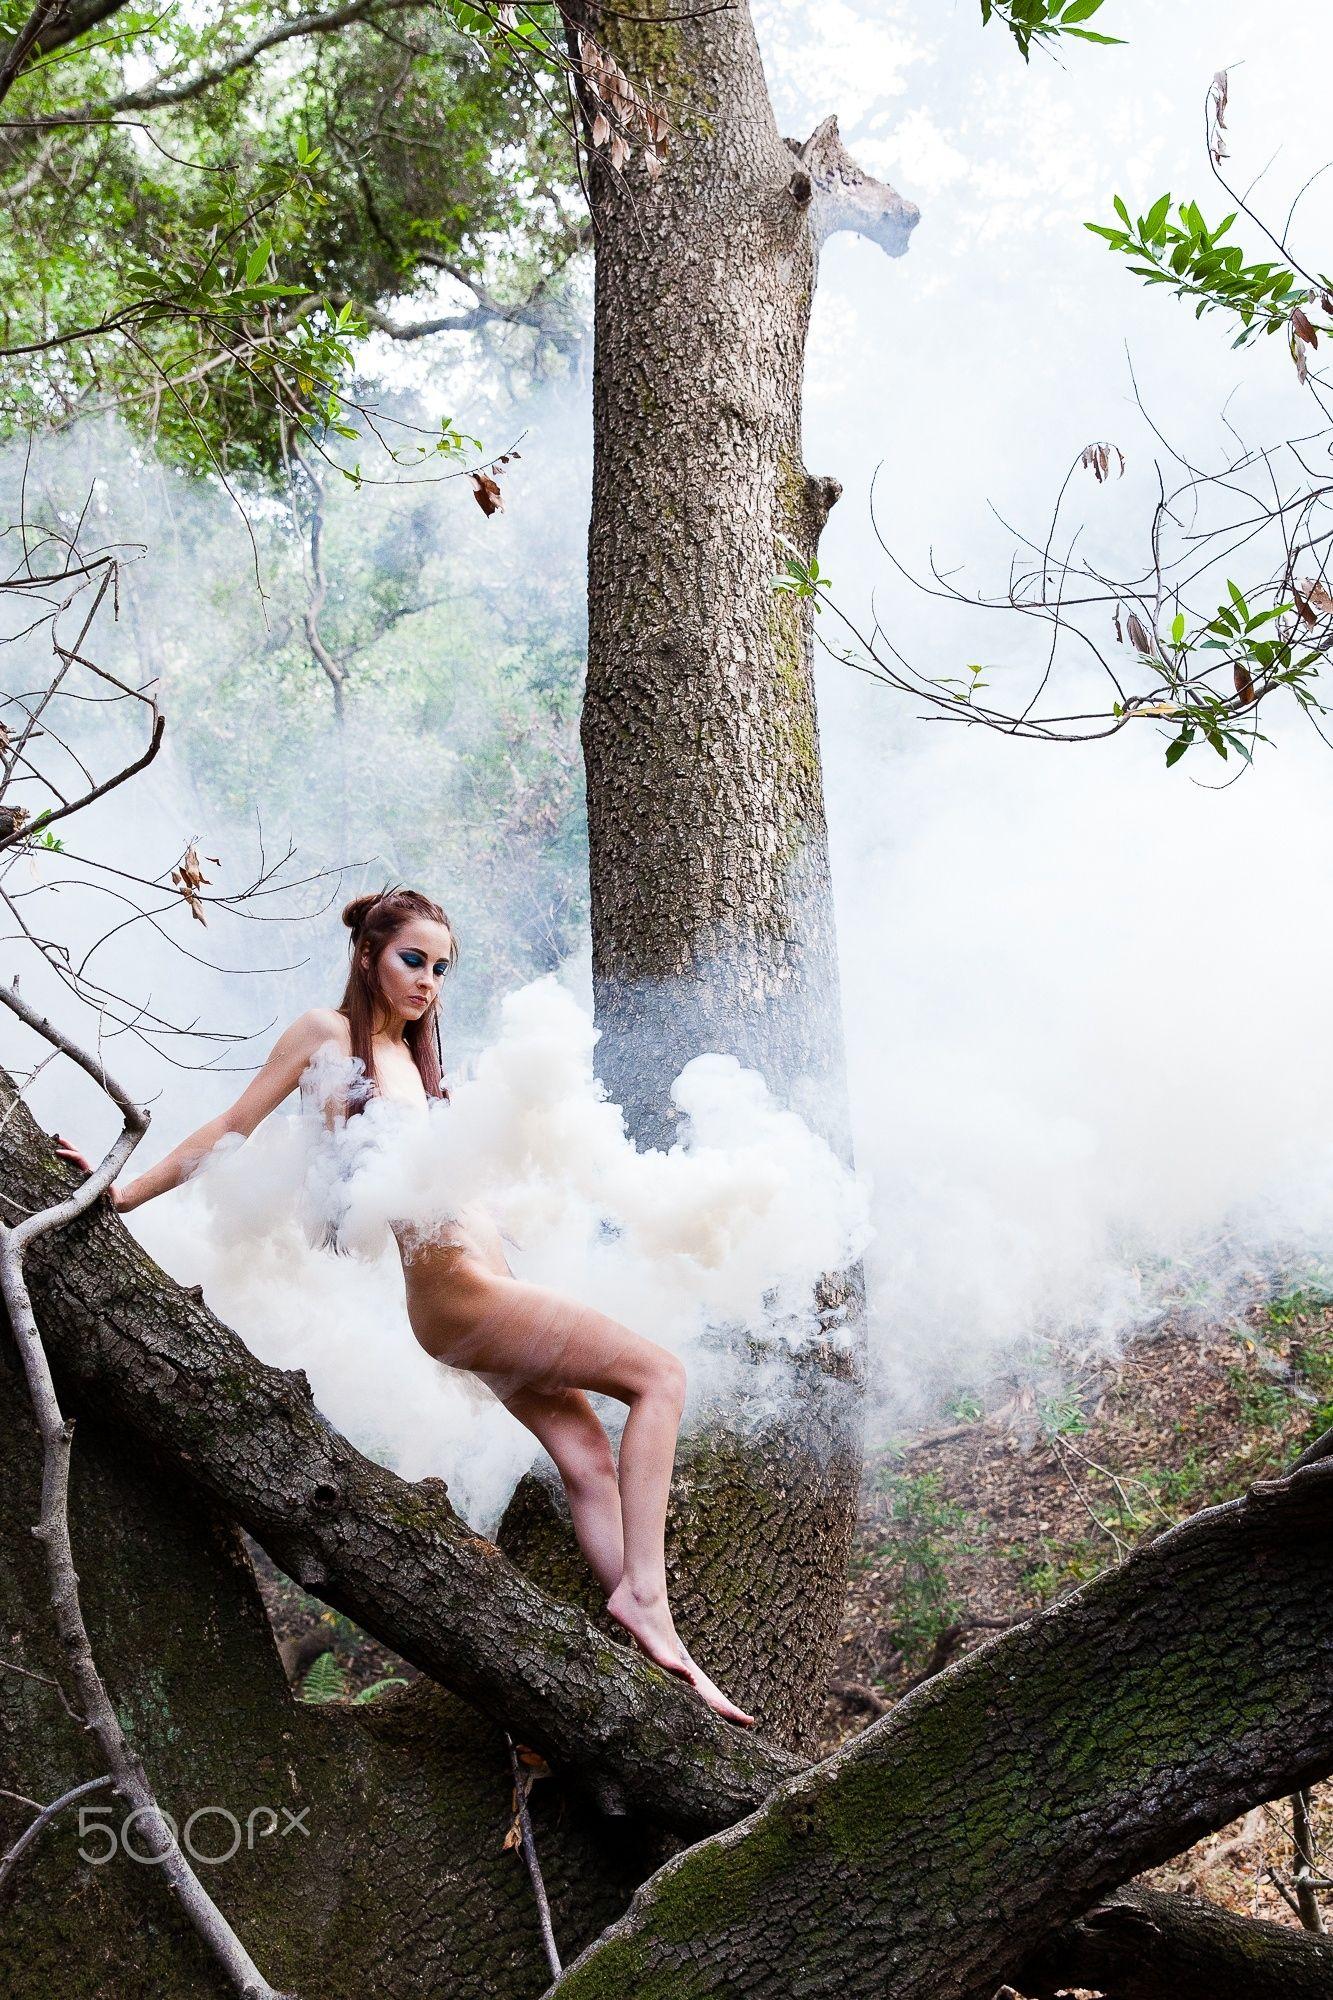 Congratulate, Nude family portraits in nature